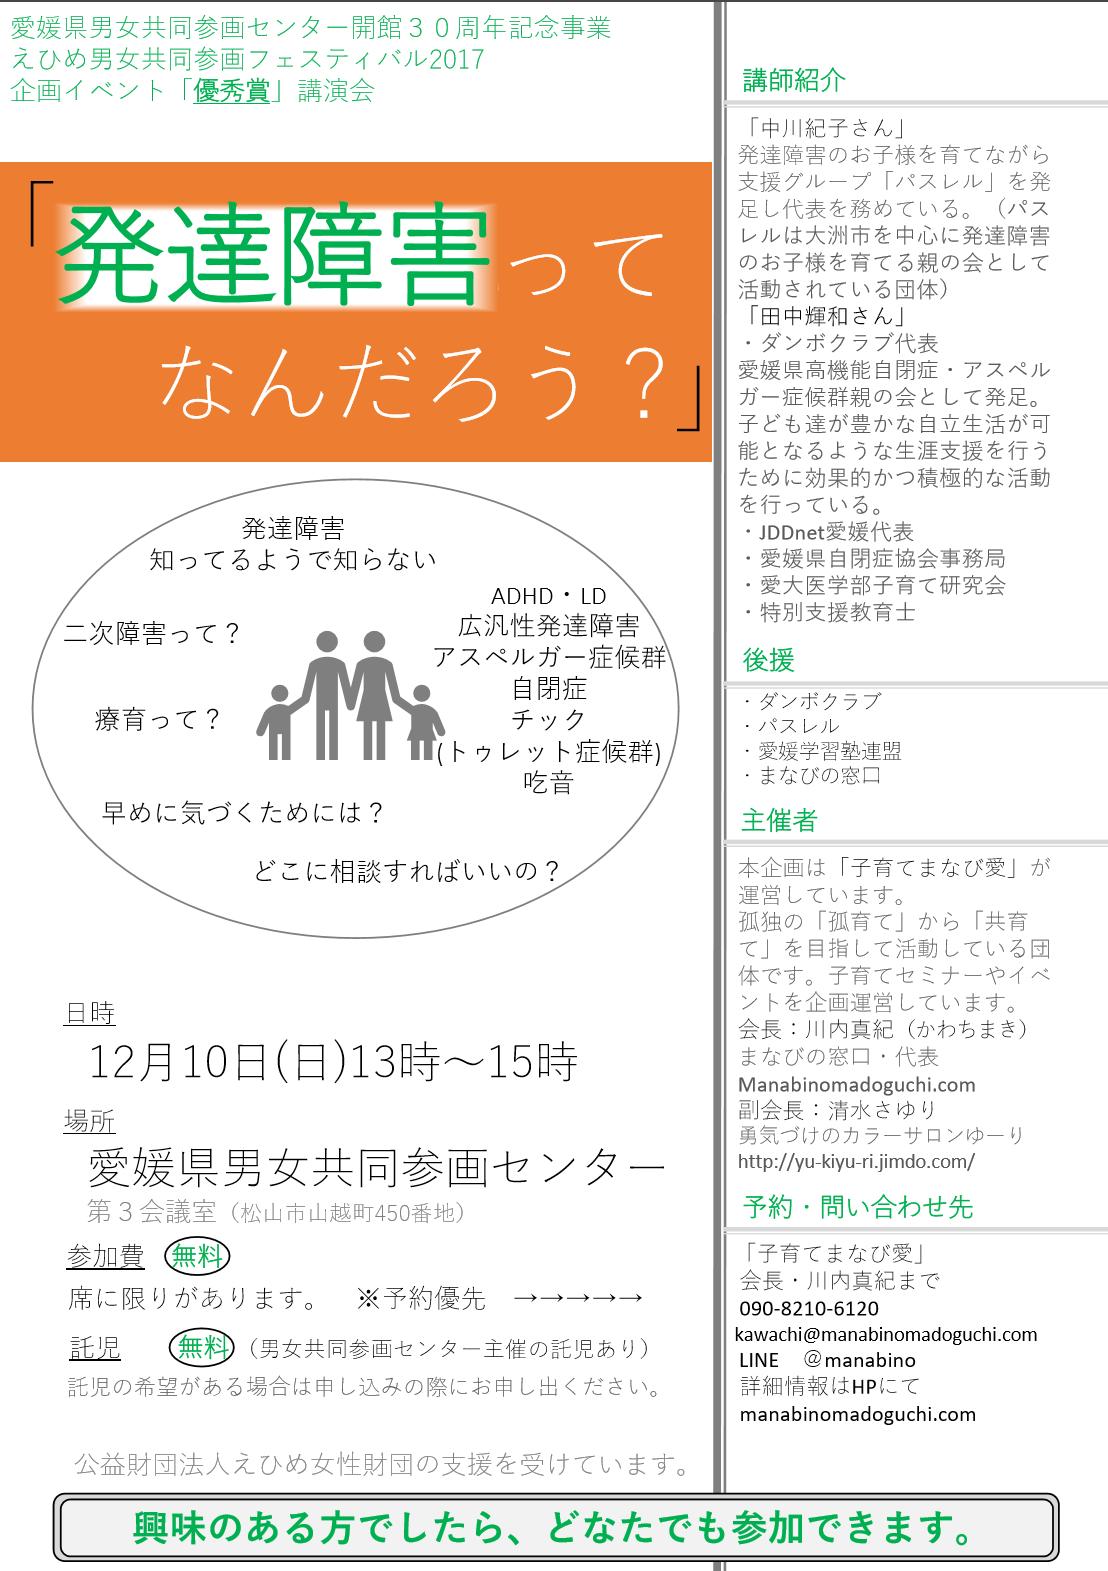 2017-10-27 (4) - コピー